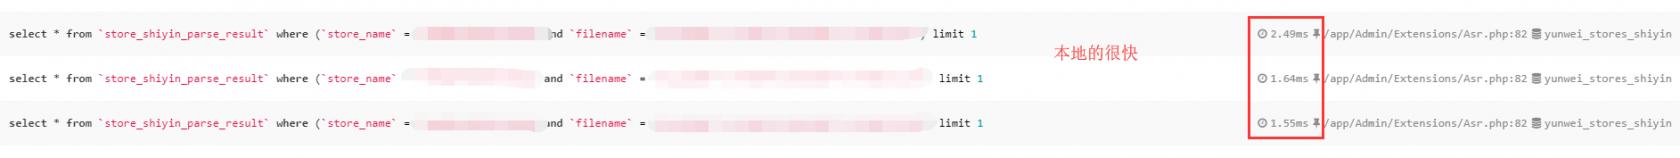 Laravel-admin 本地和线上连接的同一个数据库地址,本地查询速度很快,线上速度很慢?不知道是什么问题?